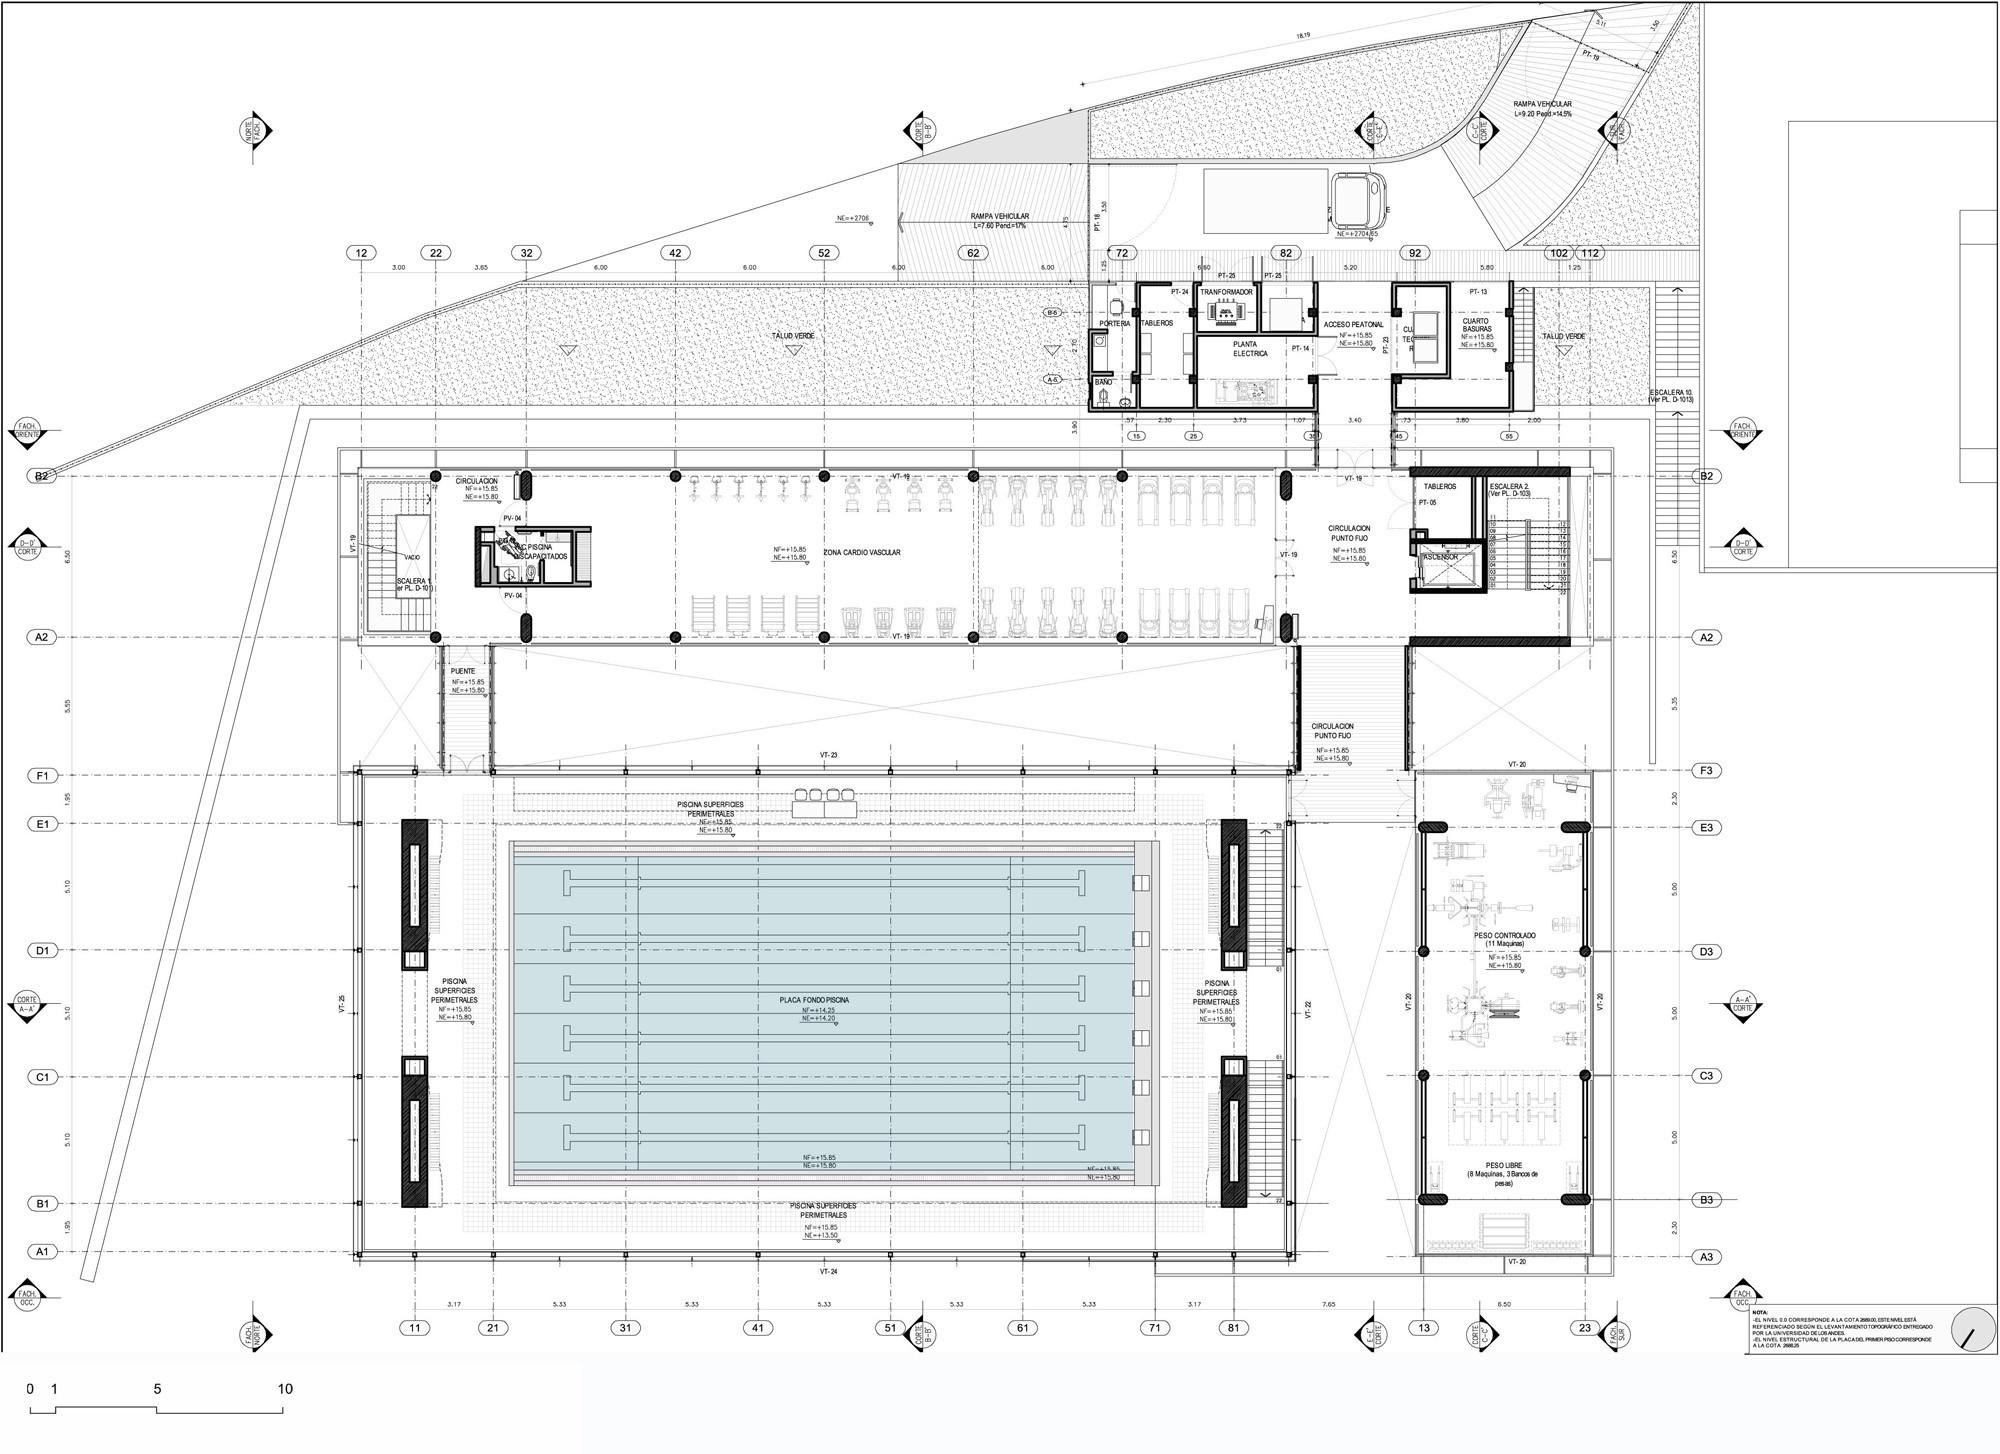 Gallery of universidad de los andes sport facilities mgp for Plan de arquitectura